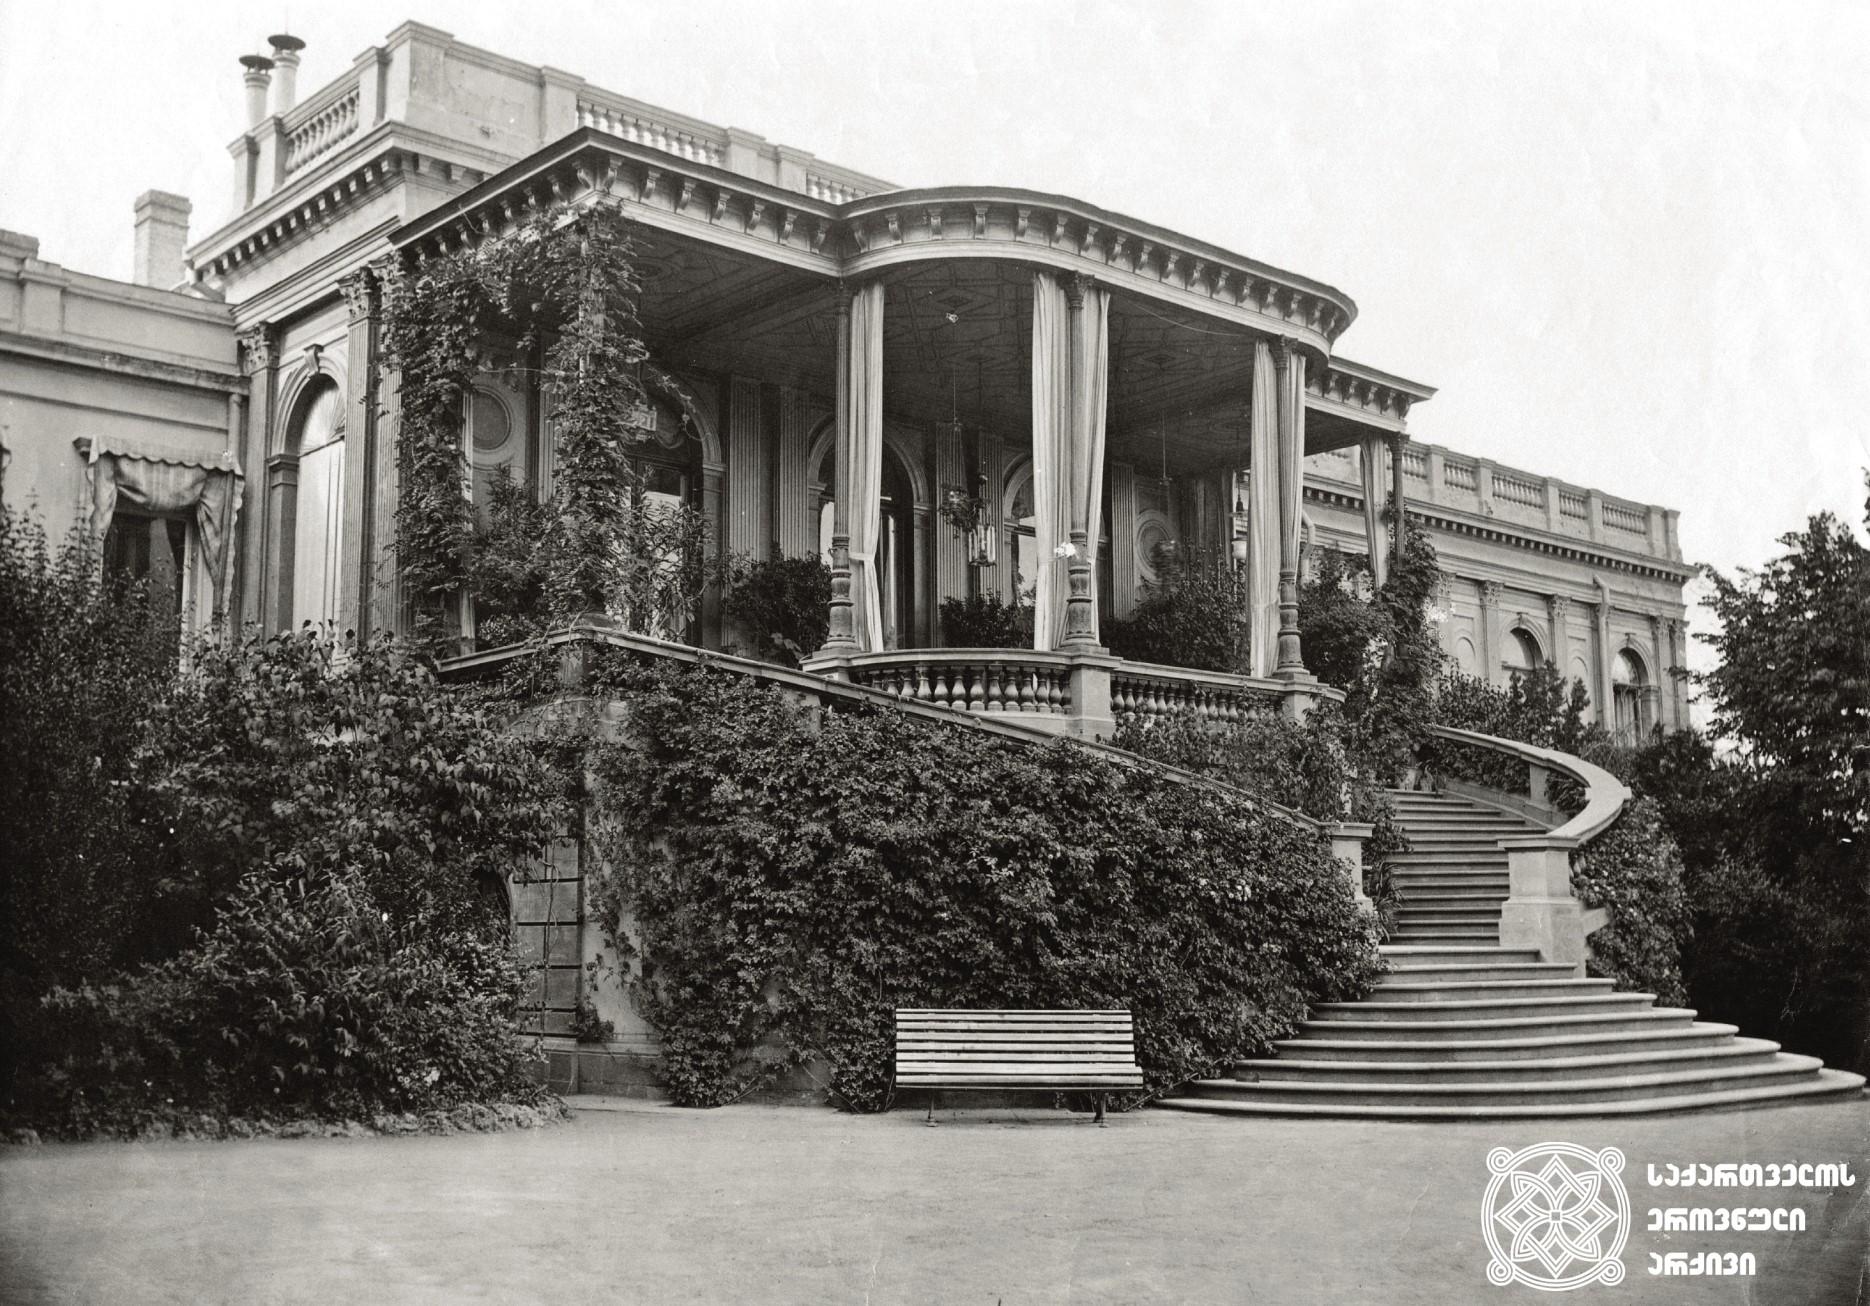 მთავრობის სასახლე (ეზოს მხრიდან). <br> უთარიღო. <br> The Government Palace (from the yard's side). <br> Undated.